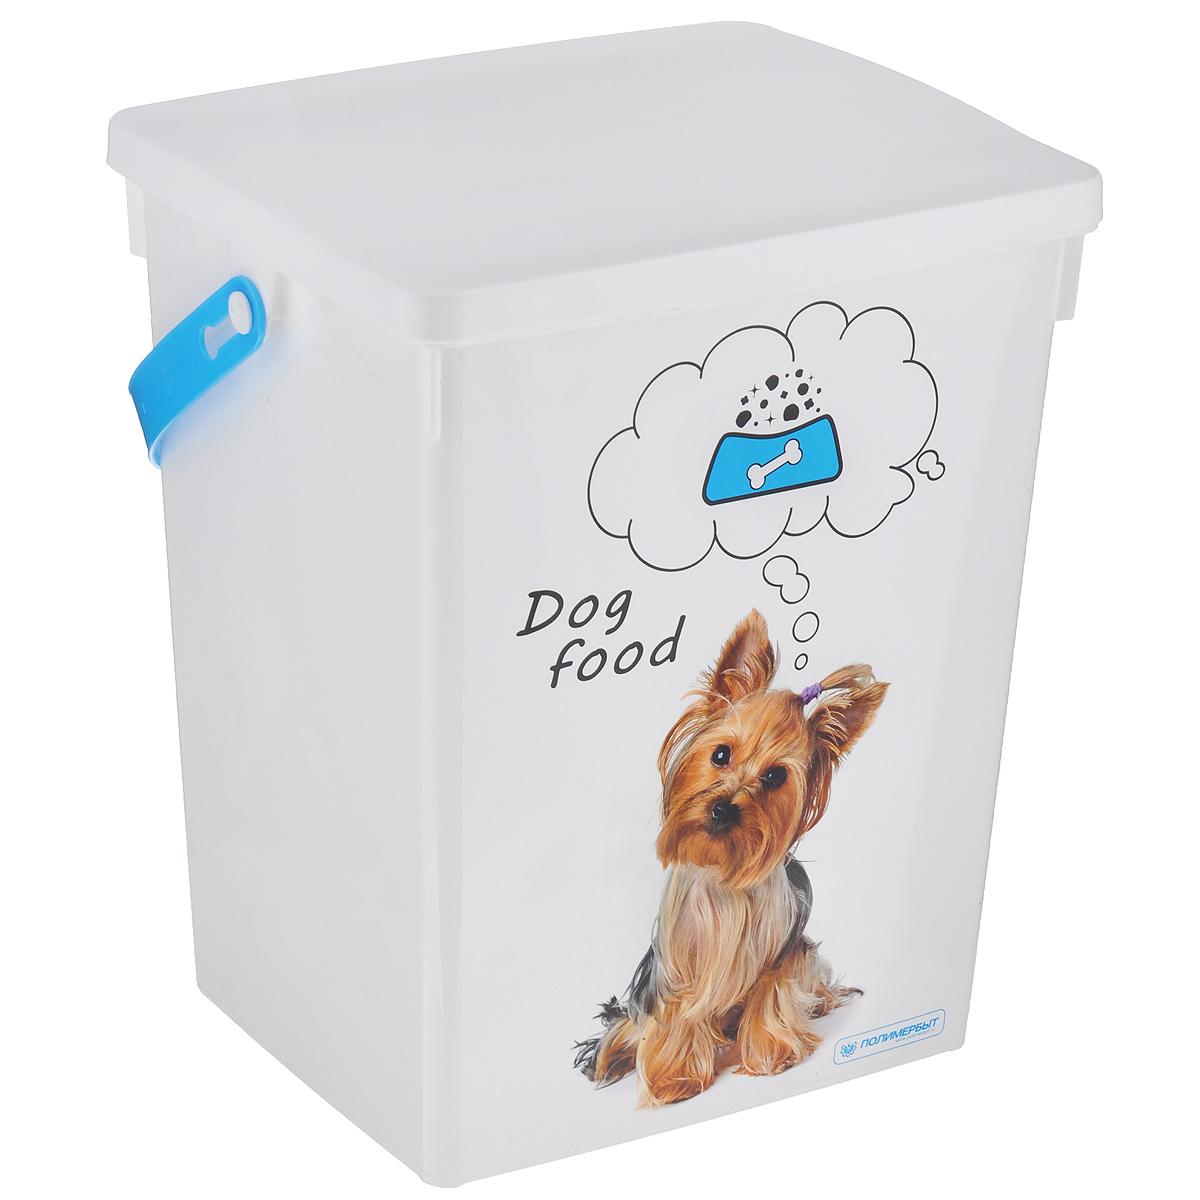 Контейнер для хранения корма Полимербыт Dog Food, цвет: белый, голубой, 5 лС49302 белый, синийКонтейнер Полимербыт, изготовленный из высококачественного пластика, предназначен для хранения корма для животных. Контейнер оснащен ручкой, благодаря которой можно без проблем переносить его с места на место. В таком контейнере корм останется всегда свежим.